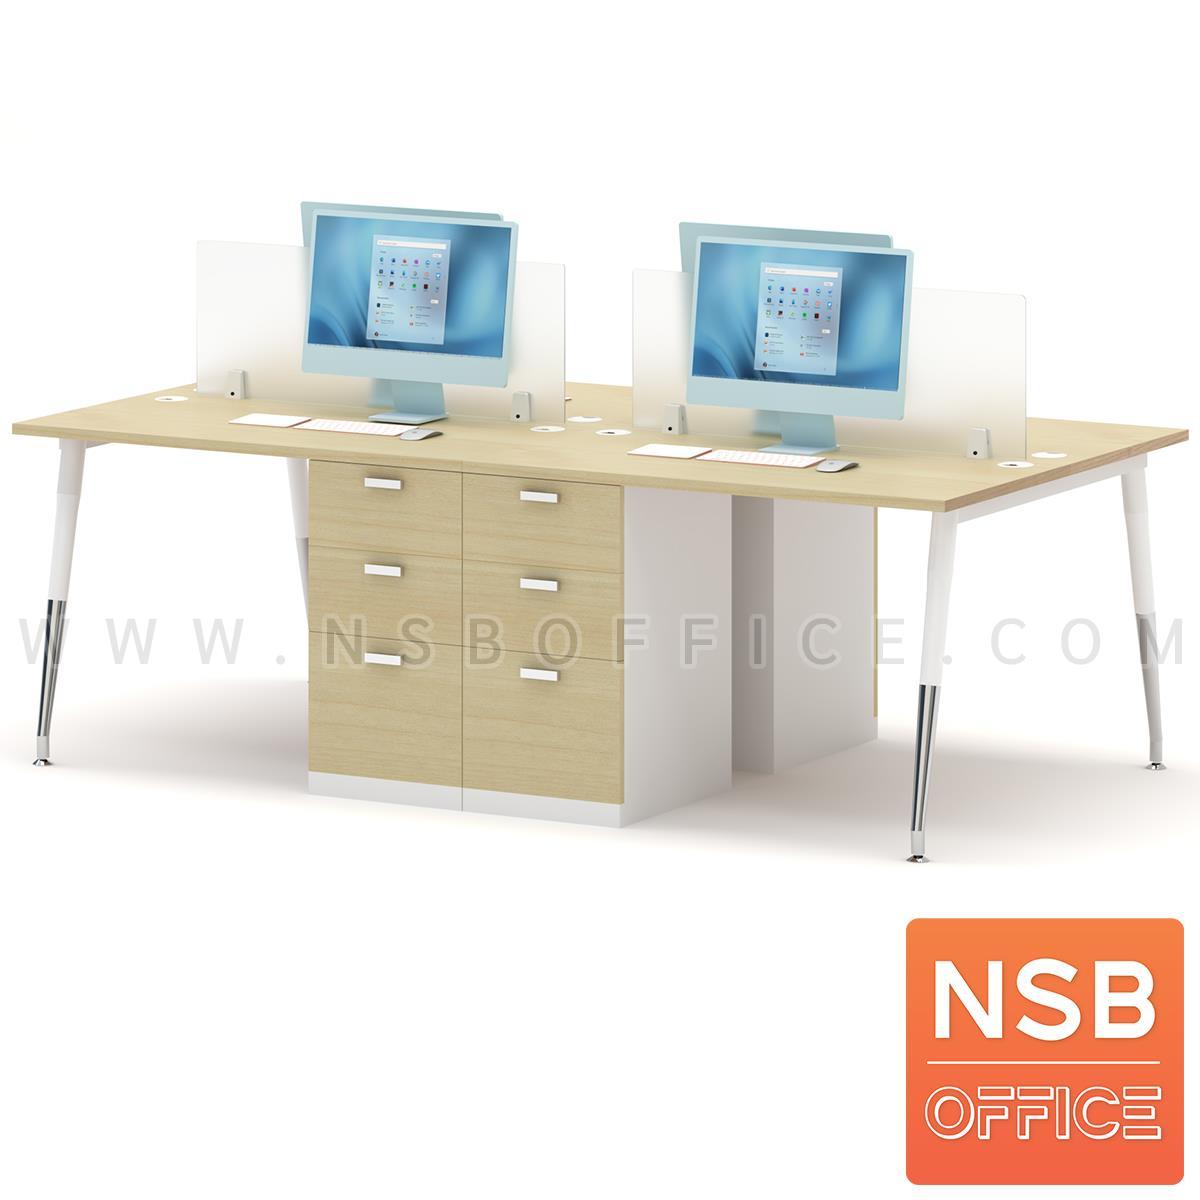 A04A164:ชุดโต๊ะทำงานกลุ่ม   2 ,4 ,6 ,8 ที่นั่ง พร้อมลิ้นชัก 3 ลิ้นชัก ขาปลายเรียว